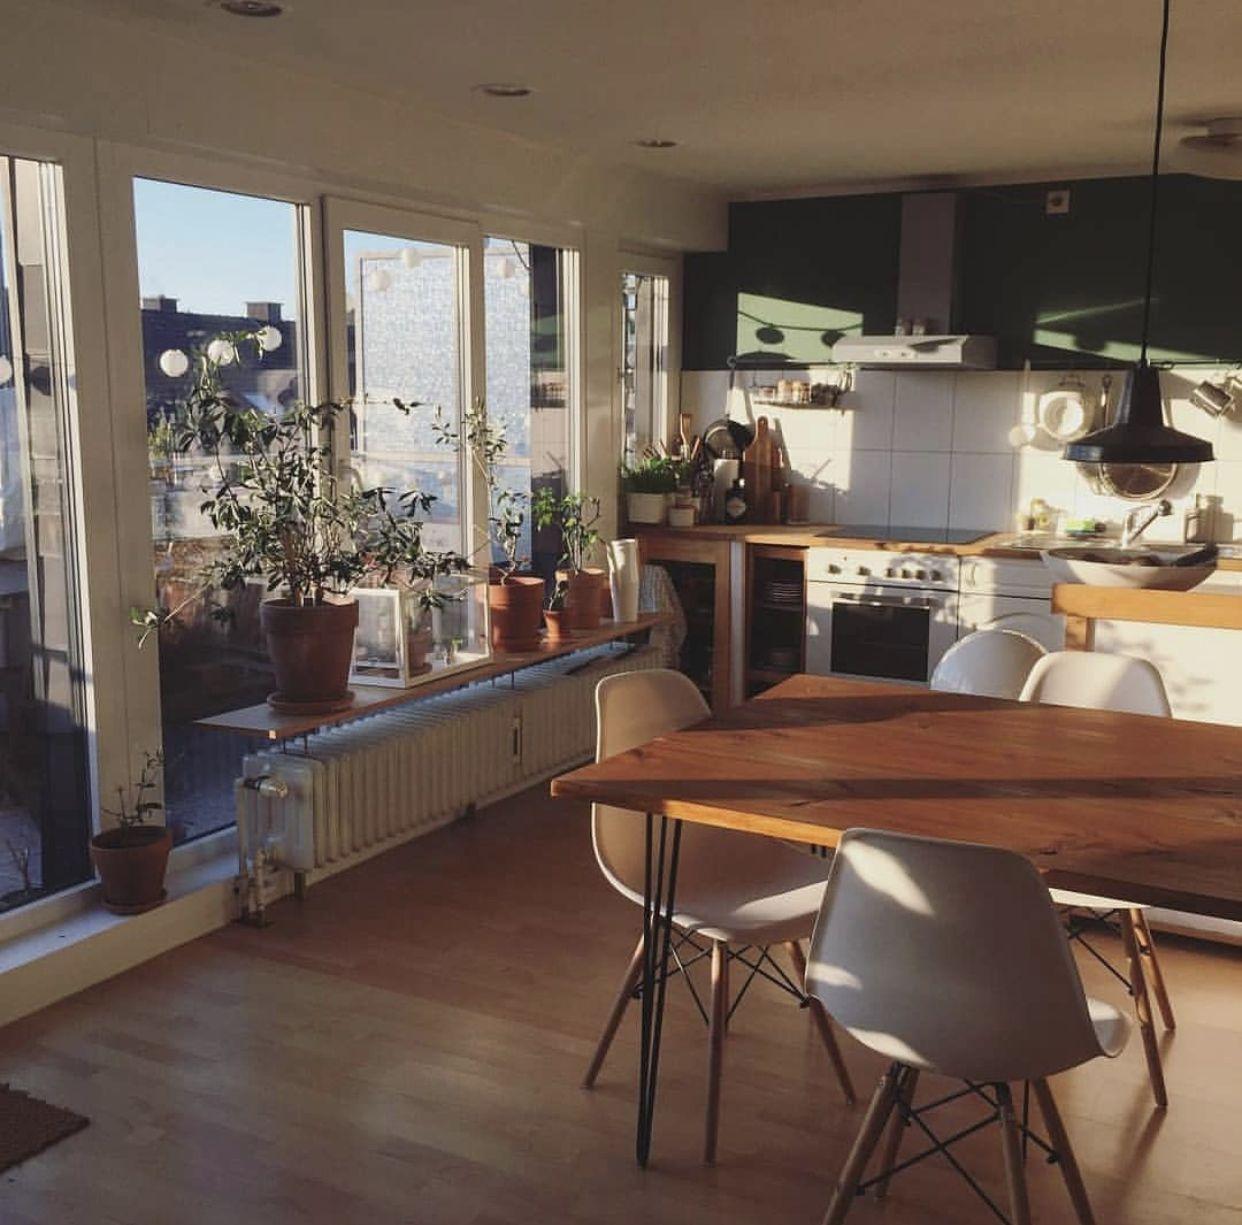 Kitchen Design, Home Decor